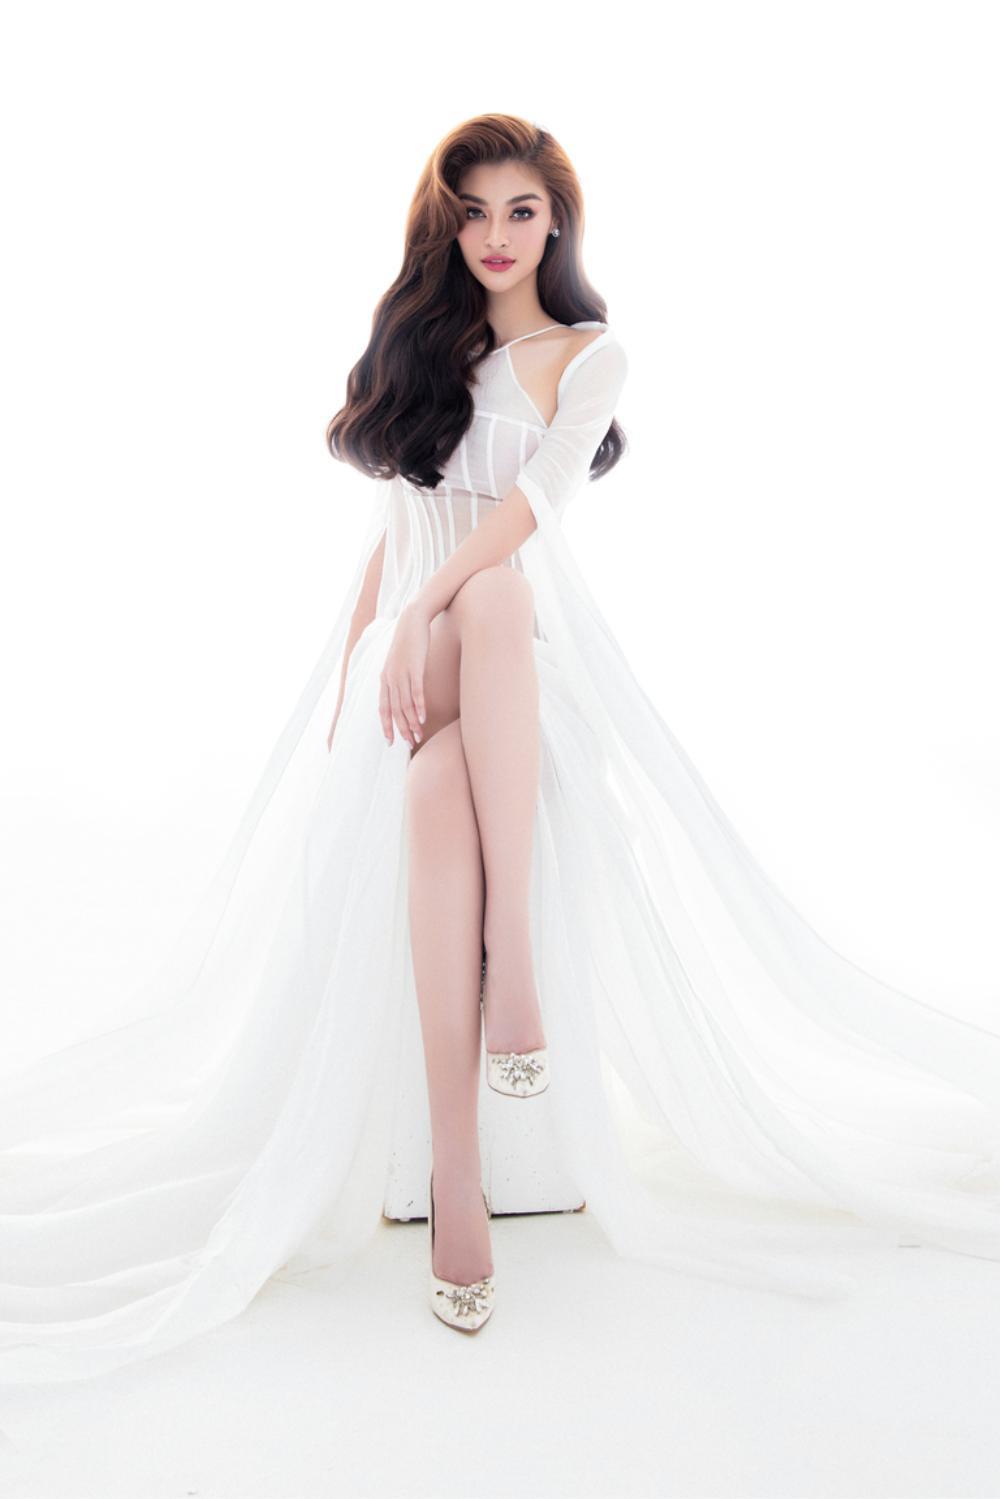 Á hậu Kiều Loan khoe nhan sắc quyến rũ trong bộ ảnh mới Ảnh 5